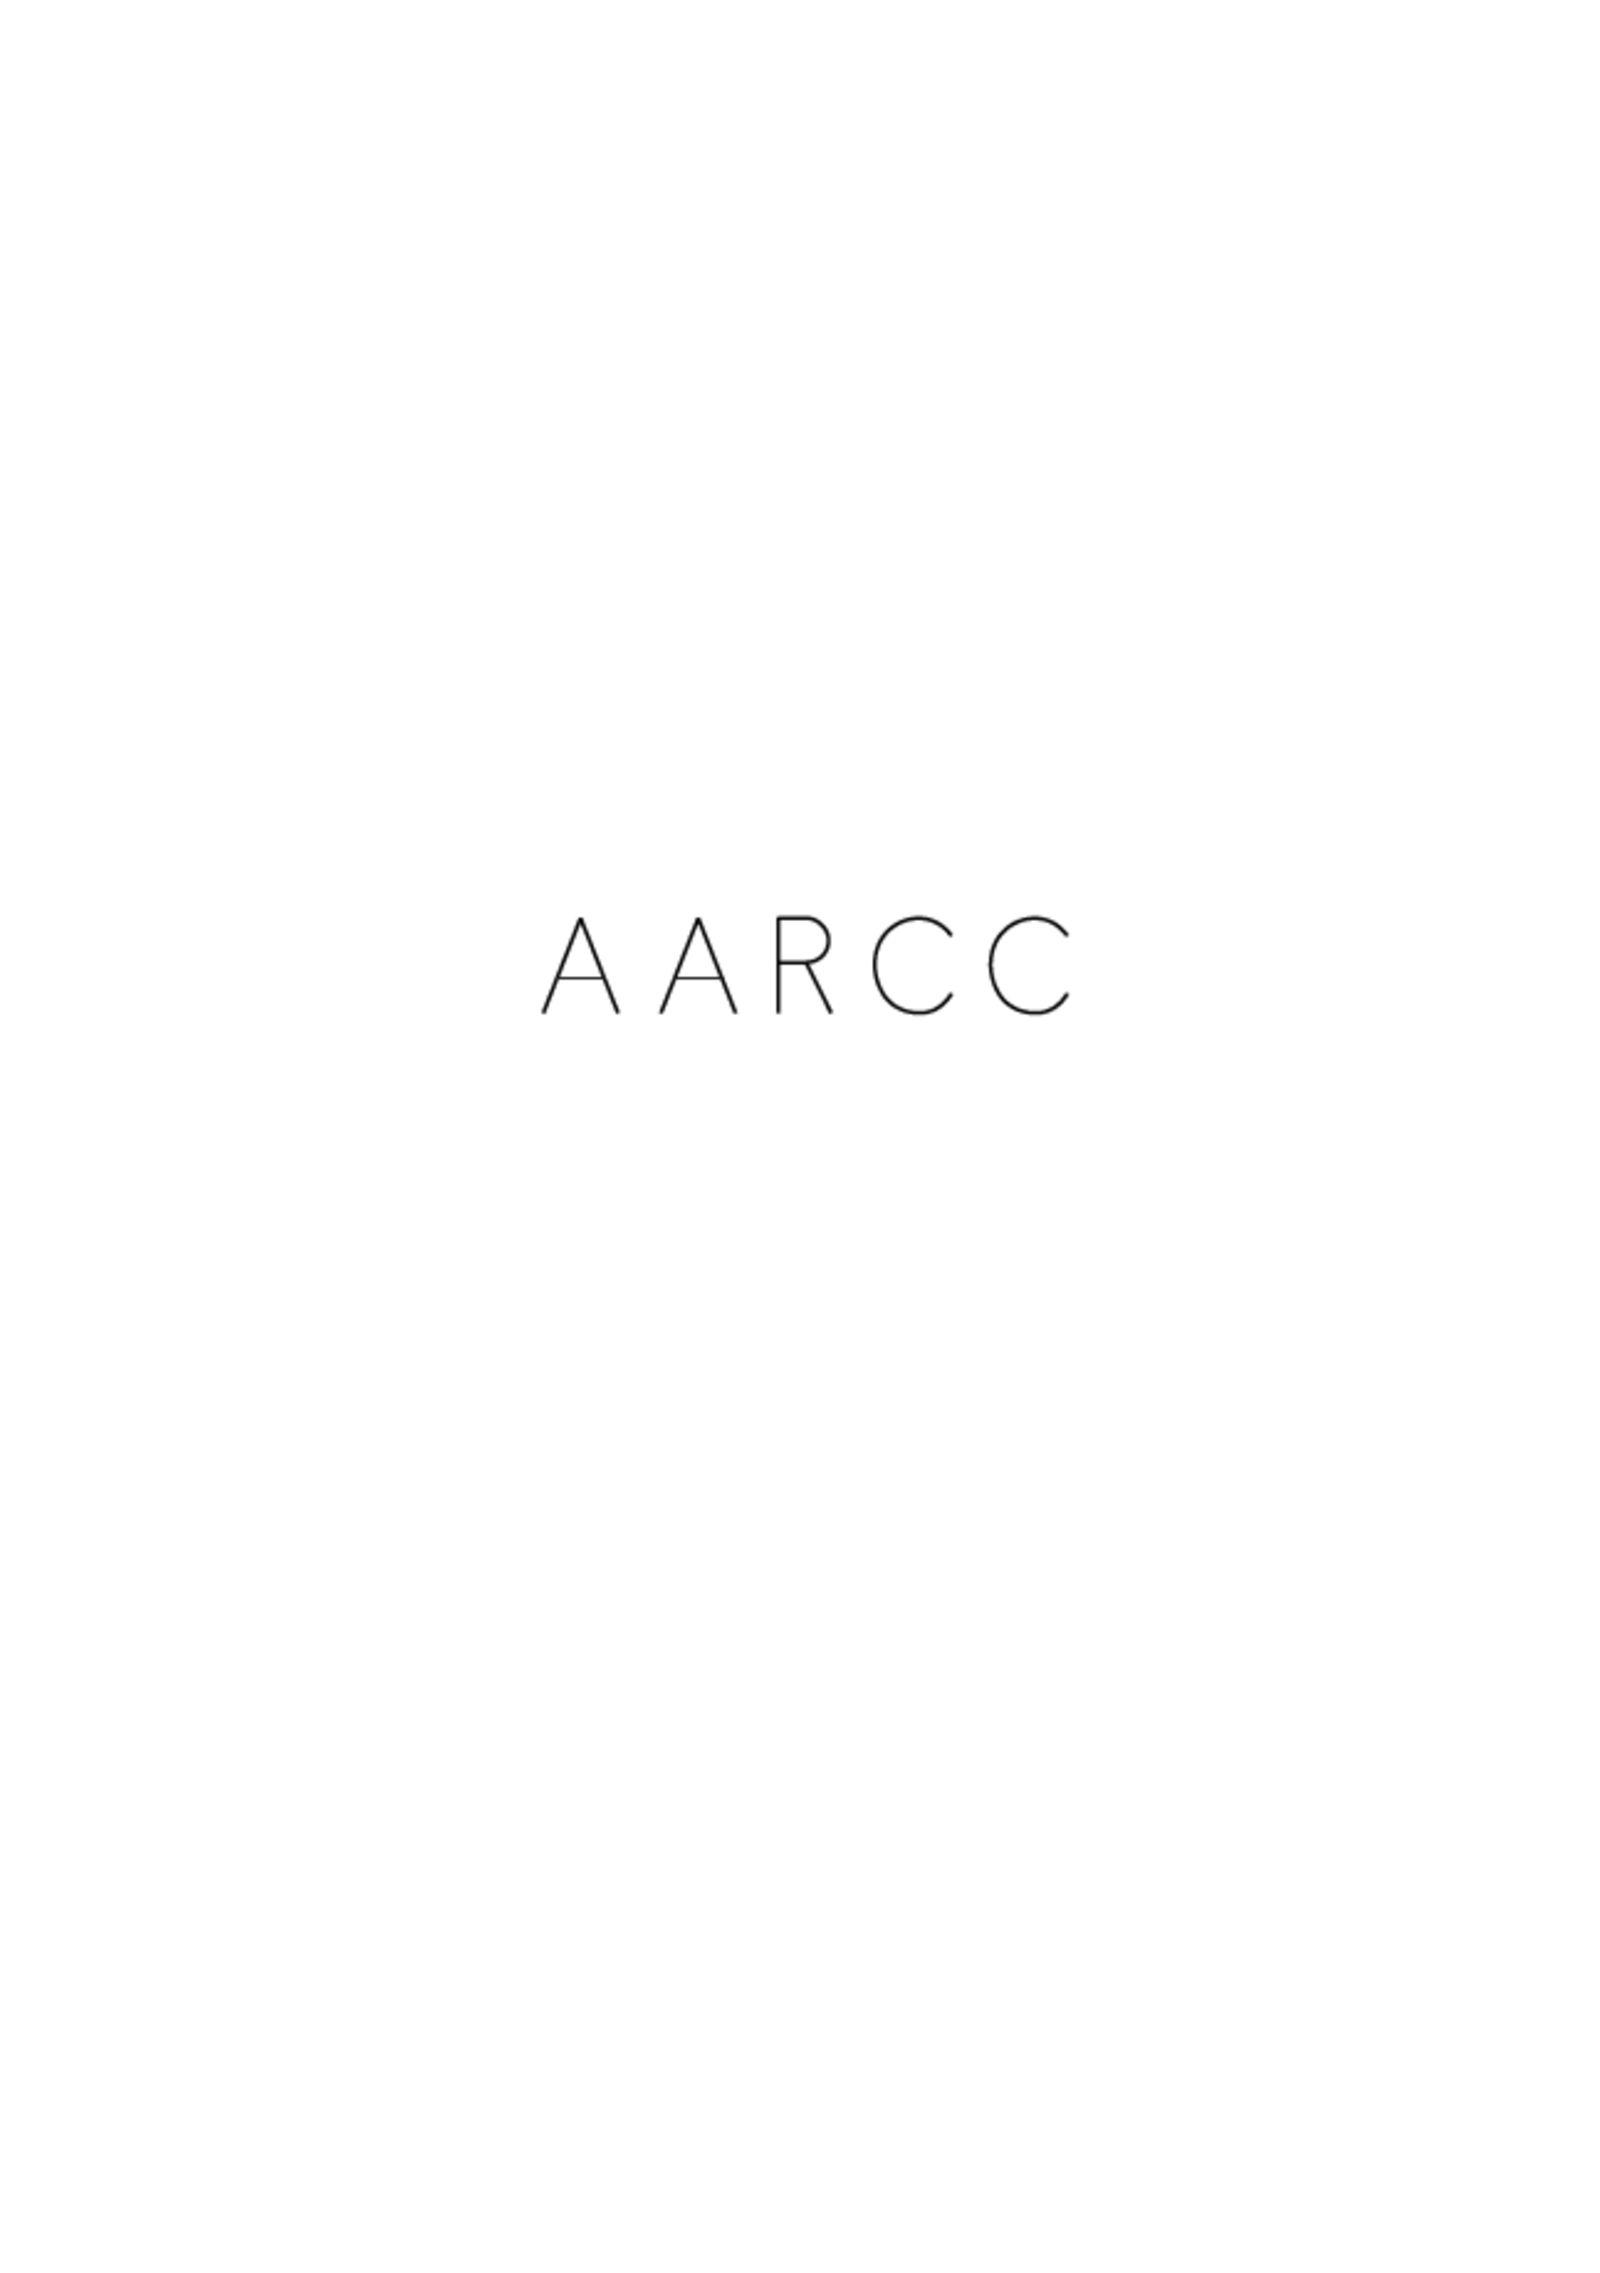 The Aarcc